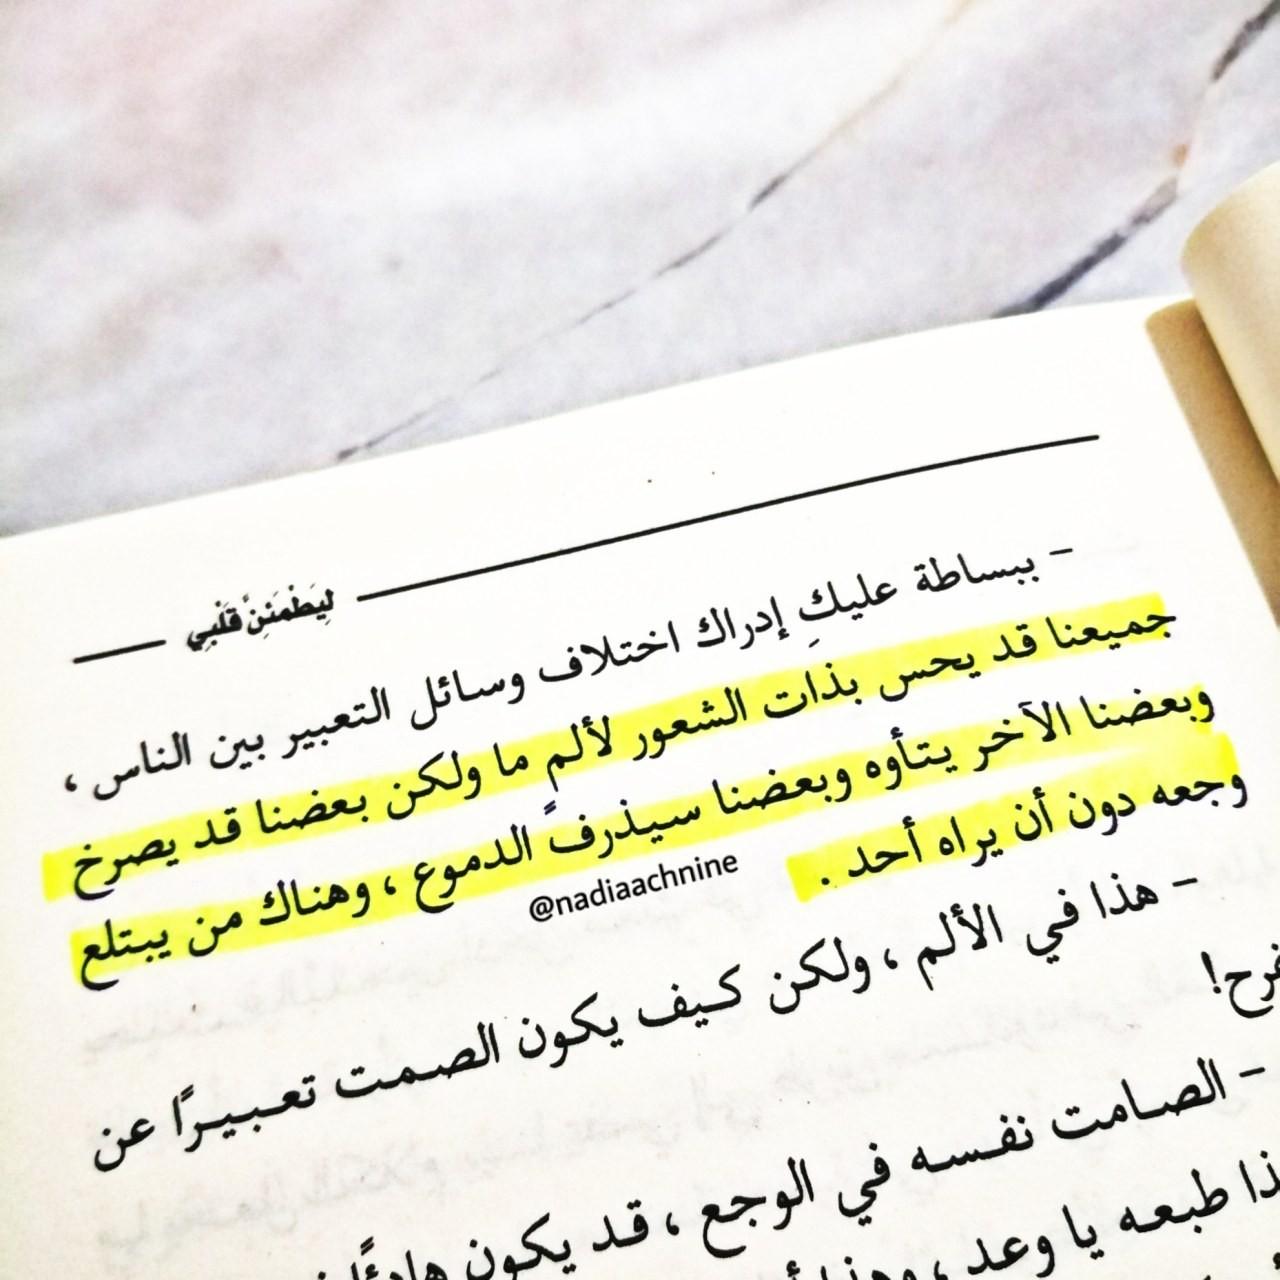 مقتبس من رواية ليطمئن قلبي لـ أدهم الشرقاوي